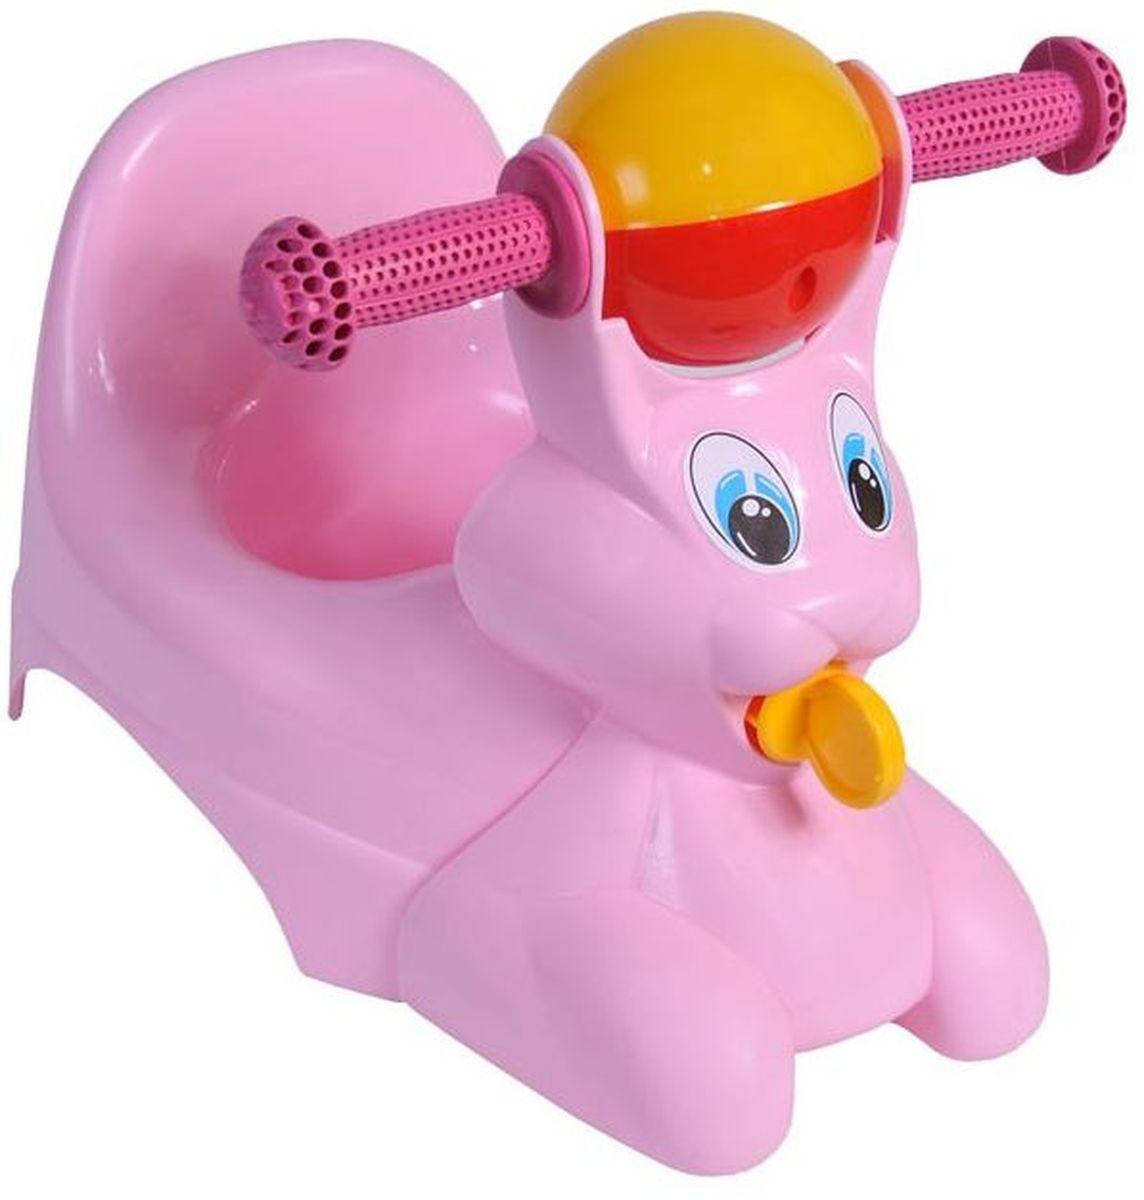 Фото Little Angel Горшок-игрушка Зайчик цвет розовый